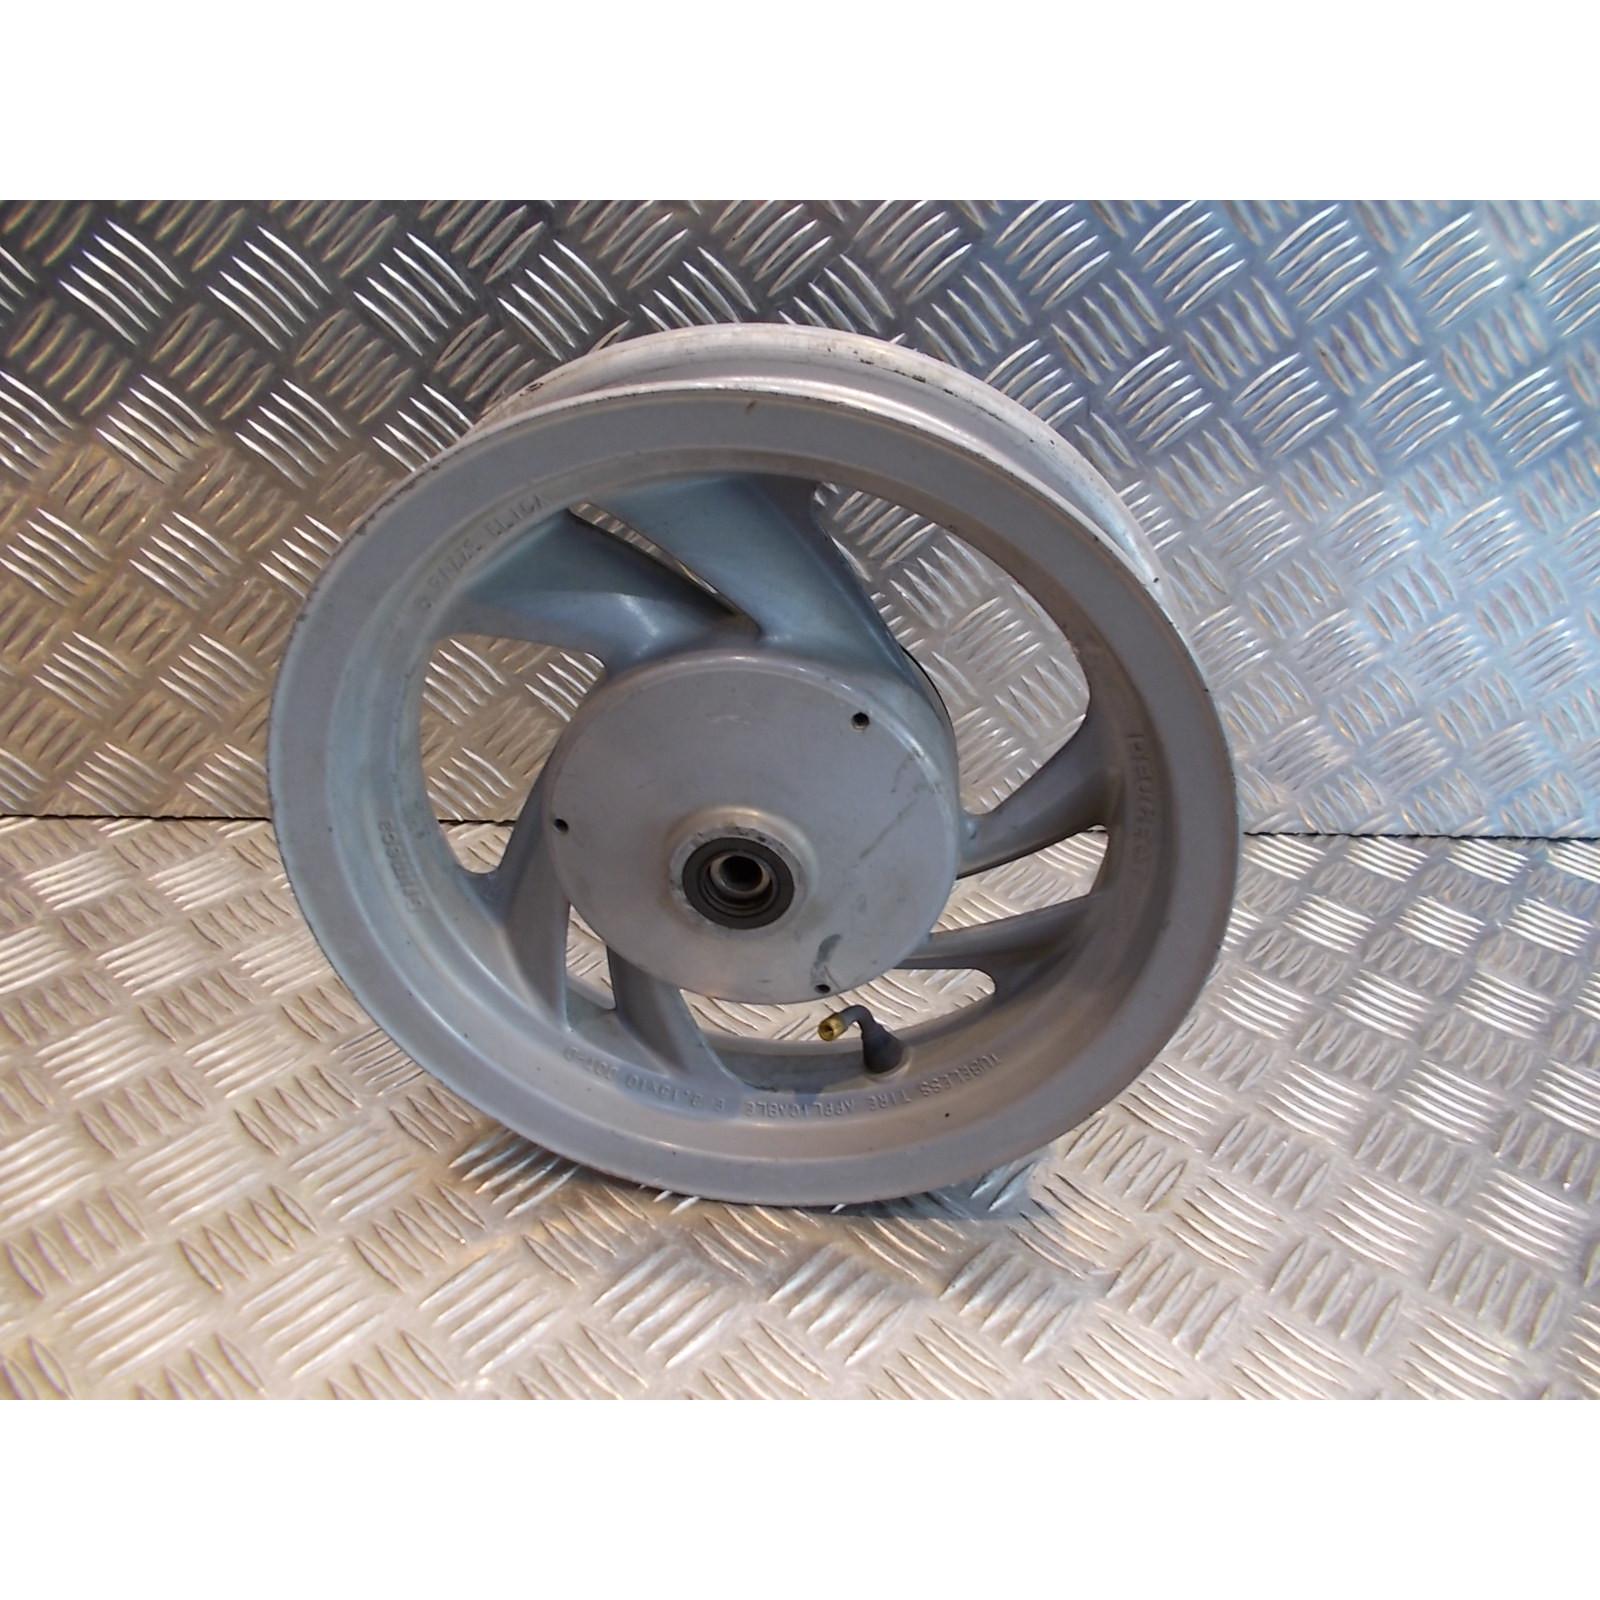 jante roue avant 2.15 x 10 scooter peugeot 50 80 sv tambour